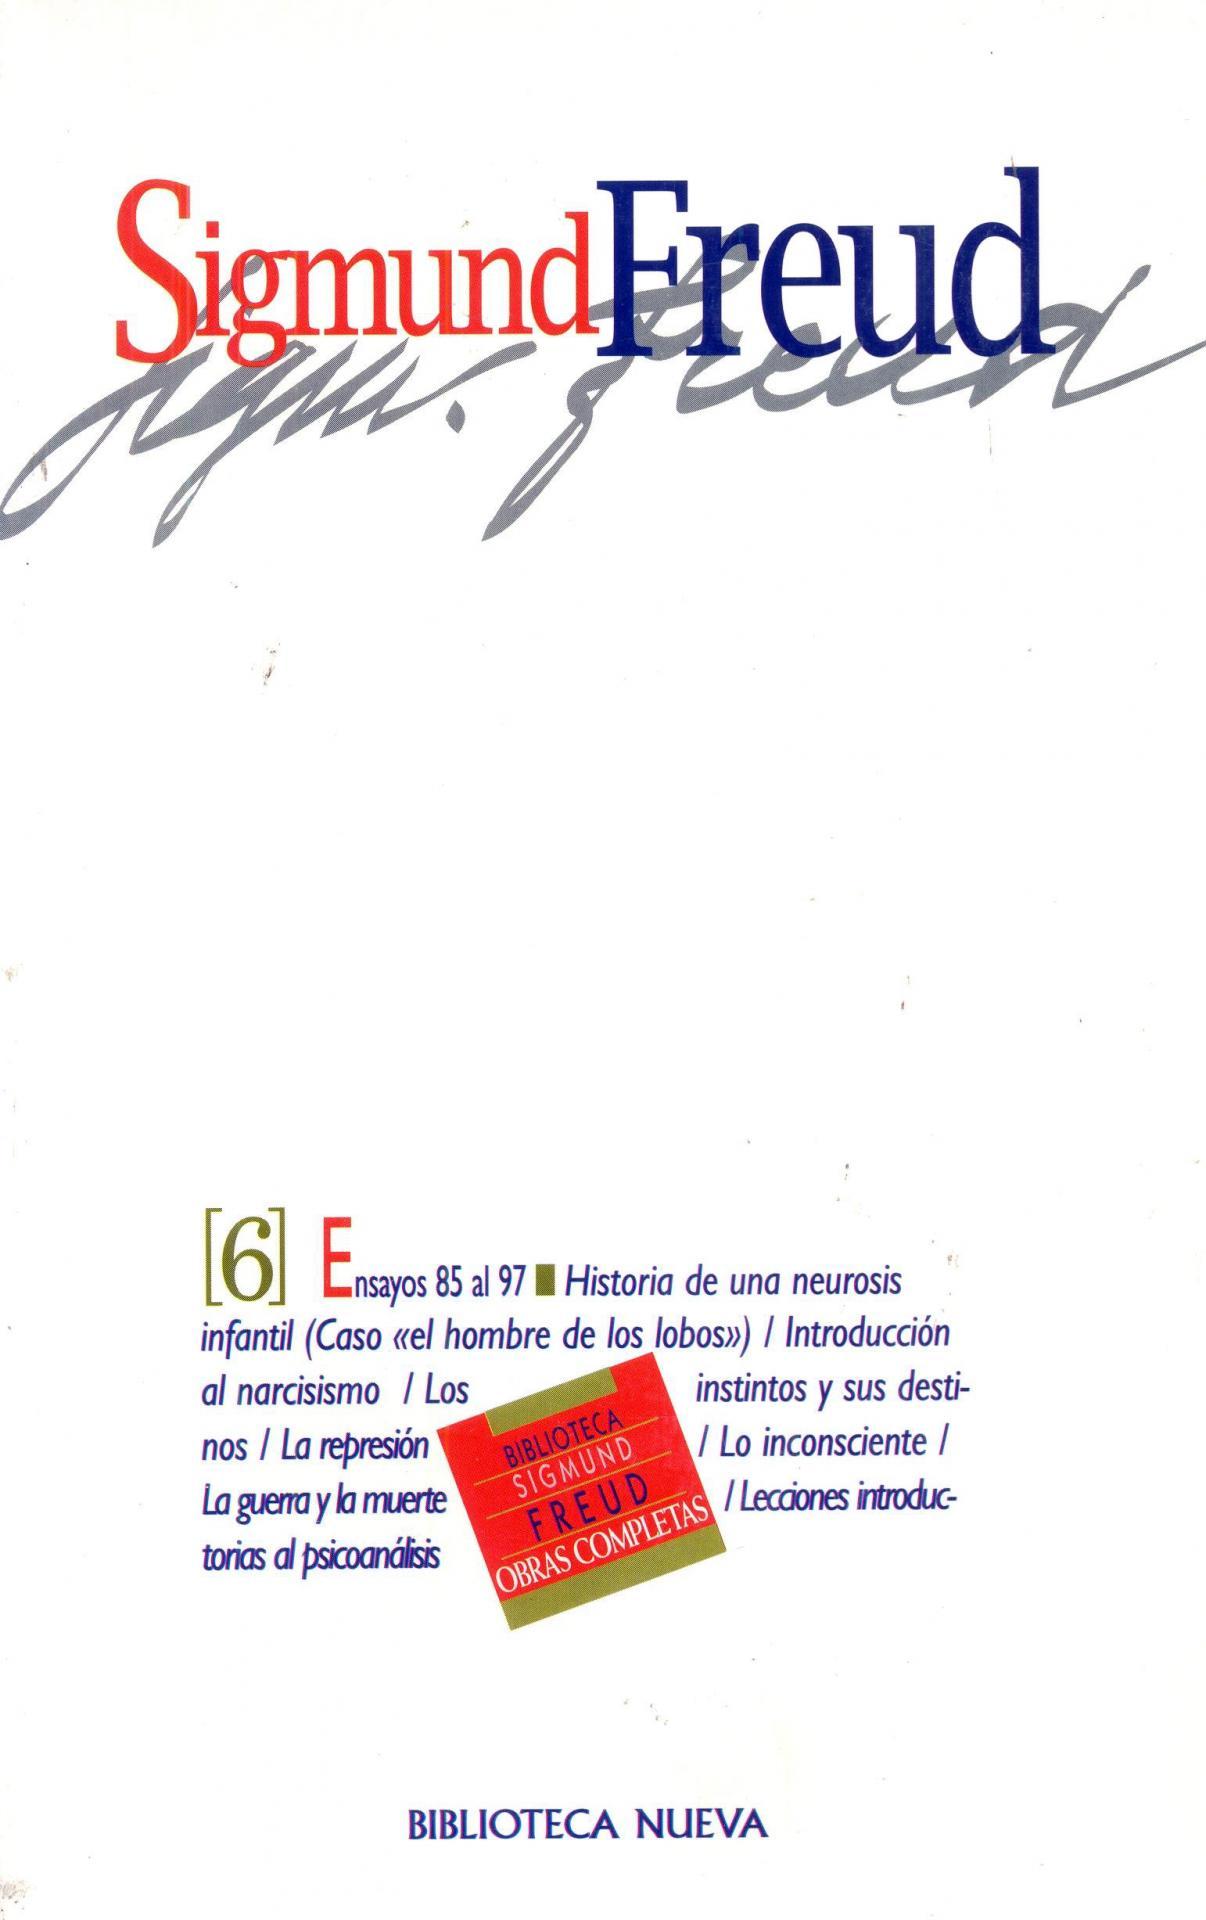 """6: ENSAYOS DEL 85 al 97. Historia de la neurosis infantil (Caso  """"el hombre de los lobos"""")."""